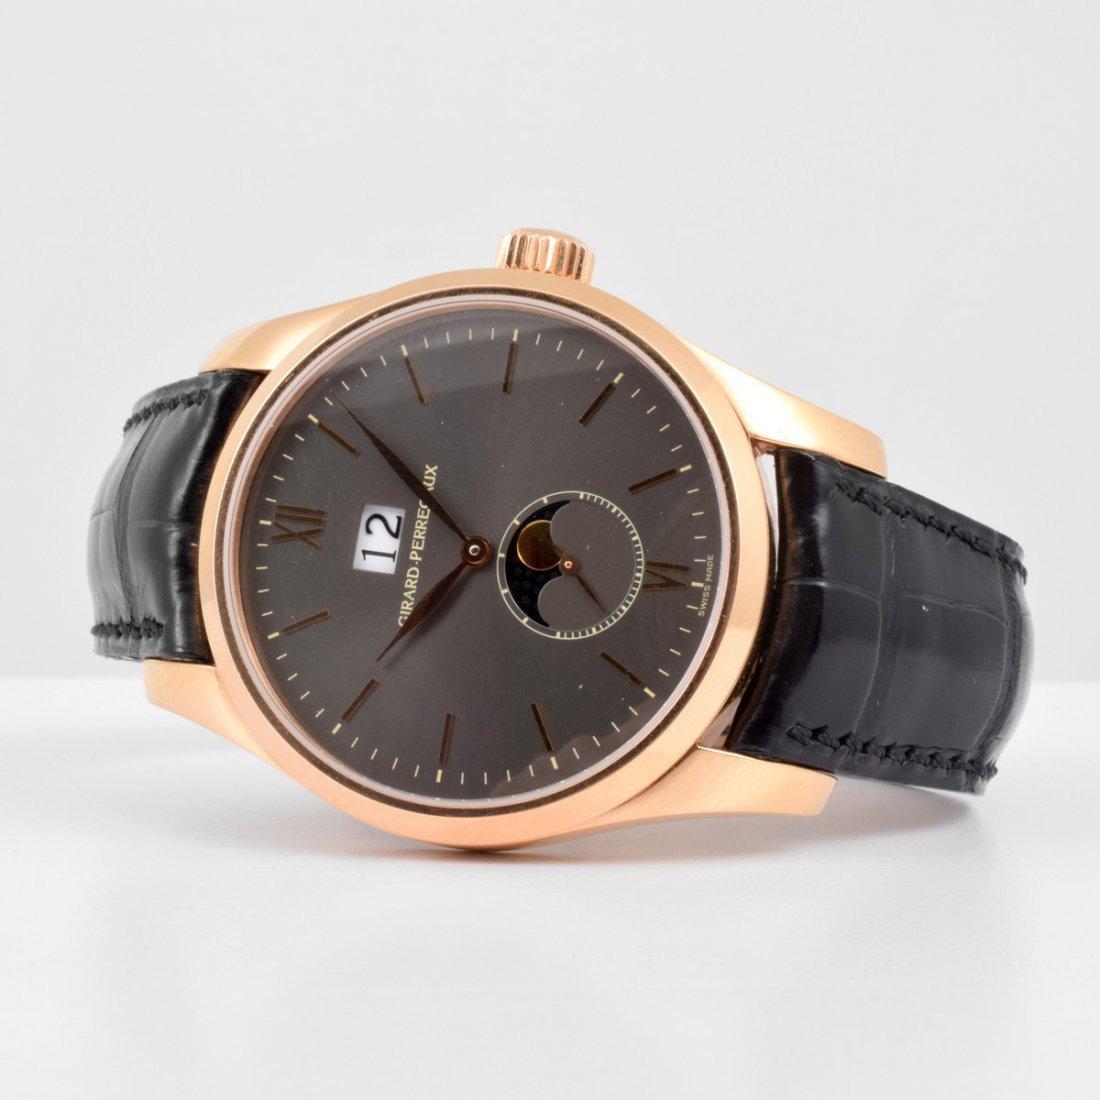 Girard-Perregaux 18K Rose Gold Watch - 3